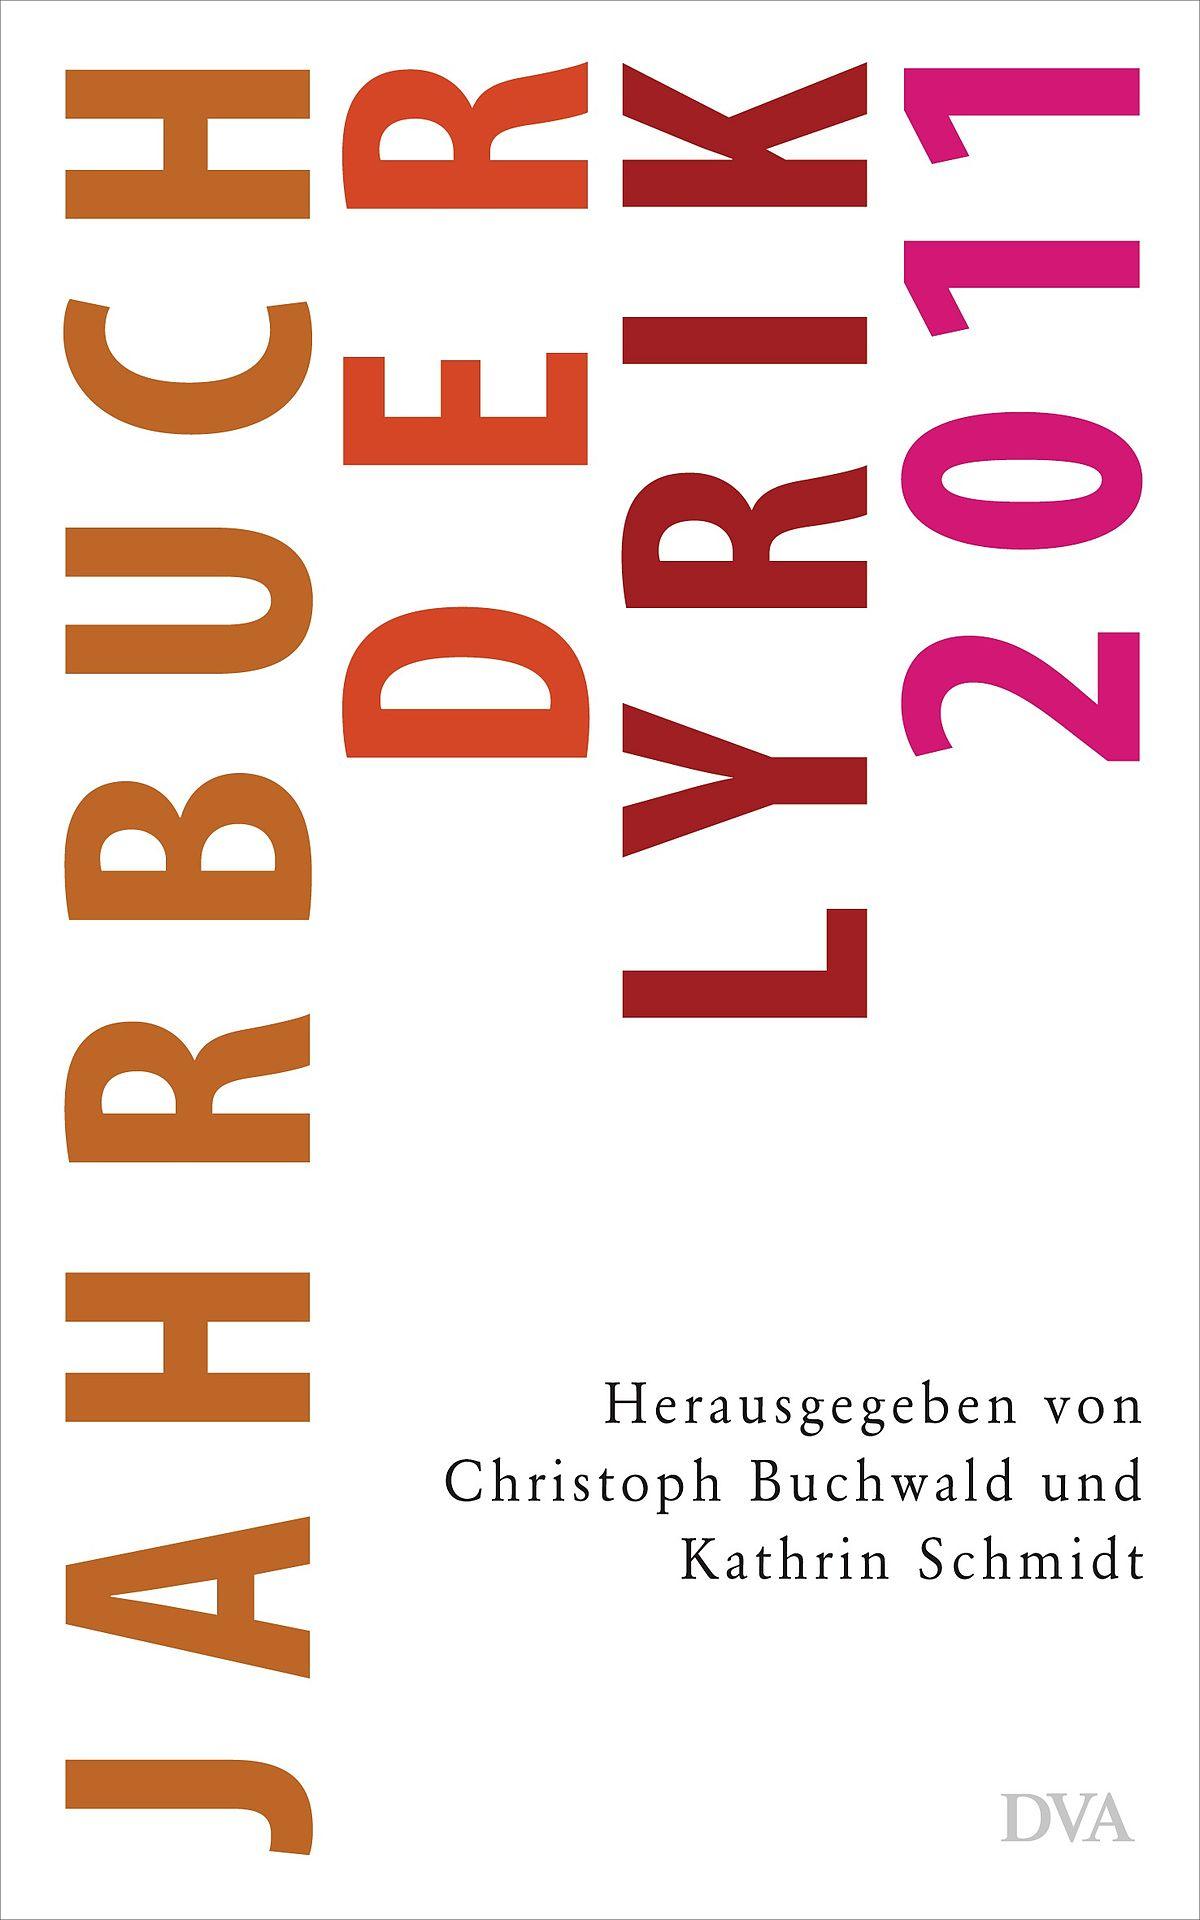 Charmant Jahrbuch Vorlagen Kostenlos Ideen - Entry Level Resume ...